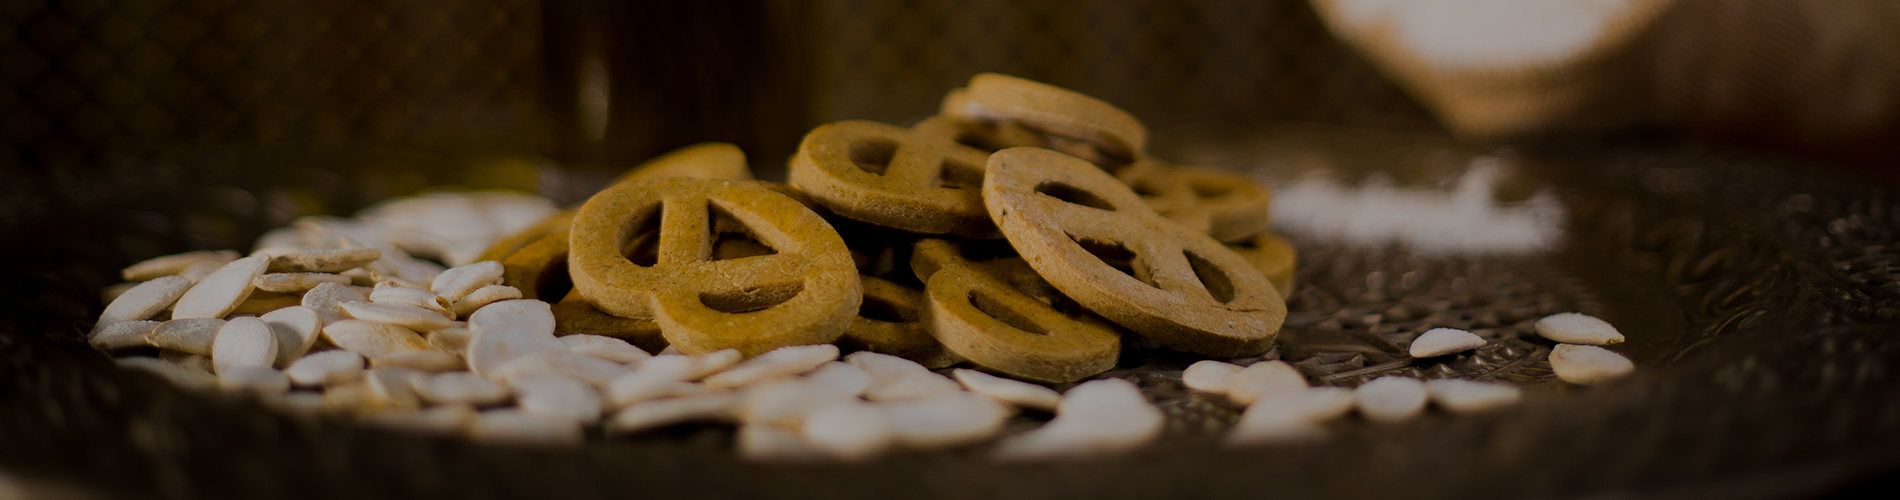 Friandises naturelles et sans gluten, artisanale, pour chiens et chats. Biscuit fait maison, récompenses pour chiens et chats.